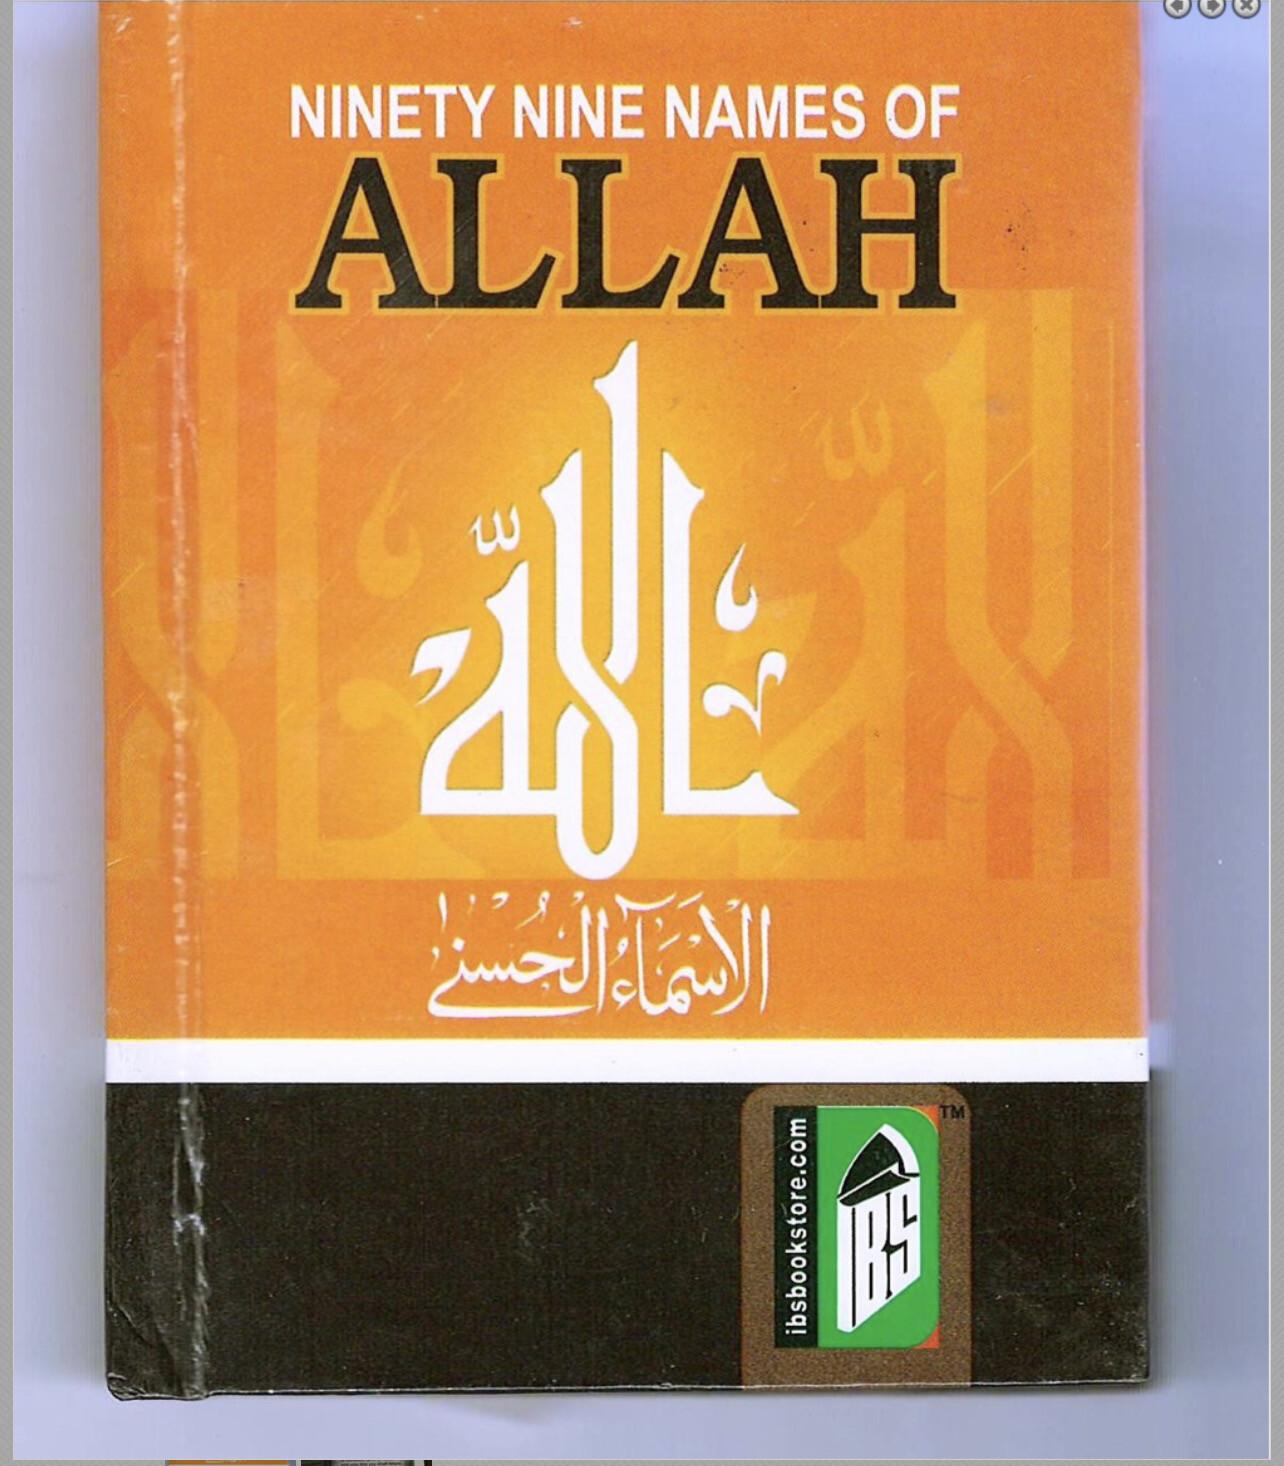 99 Names of Allah Arabic-English-Transliteration PocketsizeZoom Product Photo  Product Photo 99 NAMES OF ALLAH ARABIC-ENGLISH-TRANSLITERATION POCKETSIZE